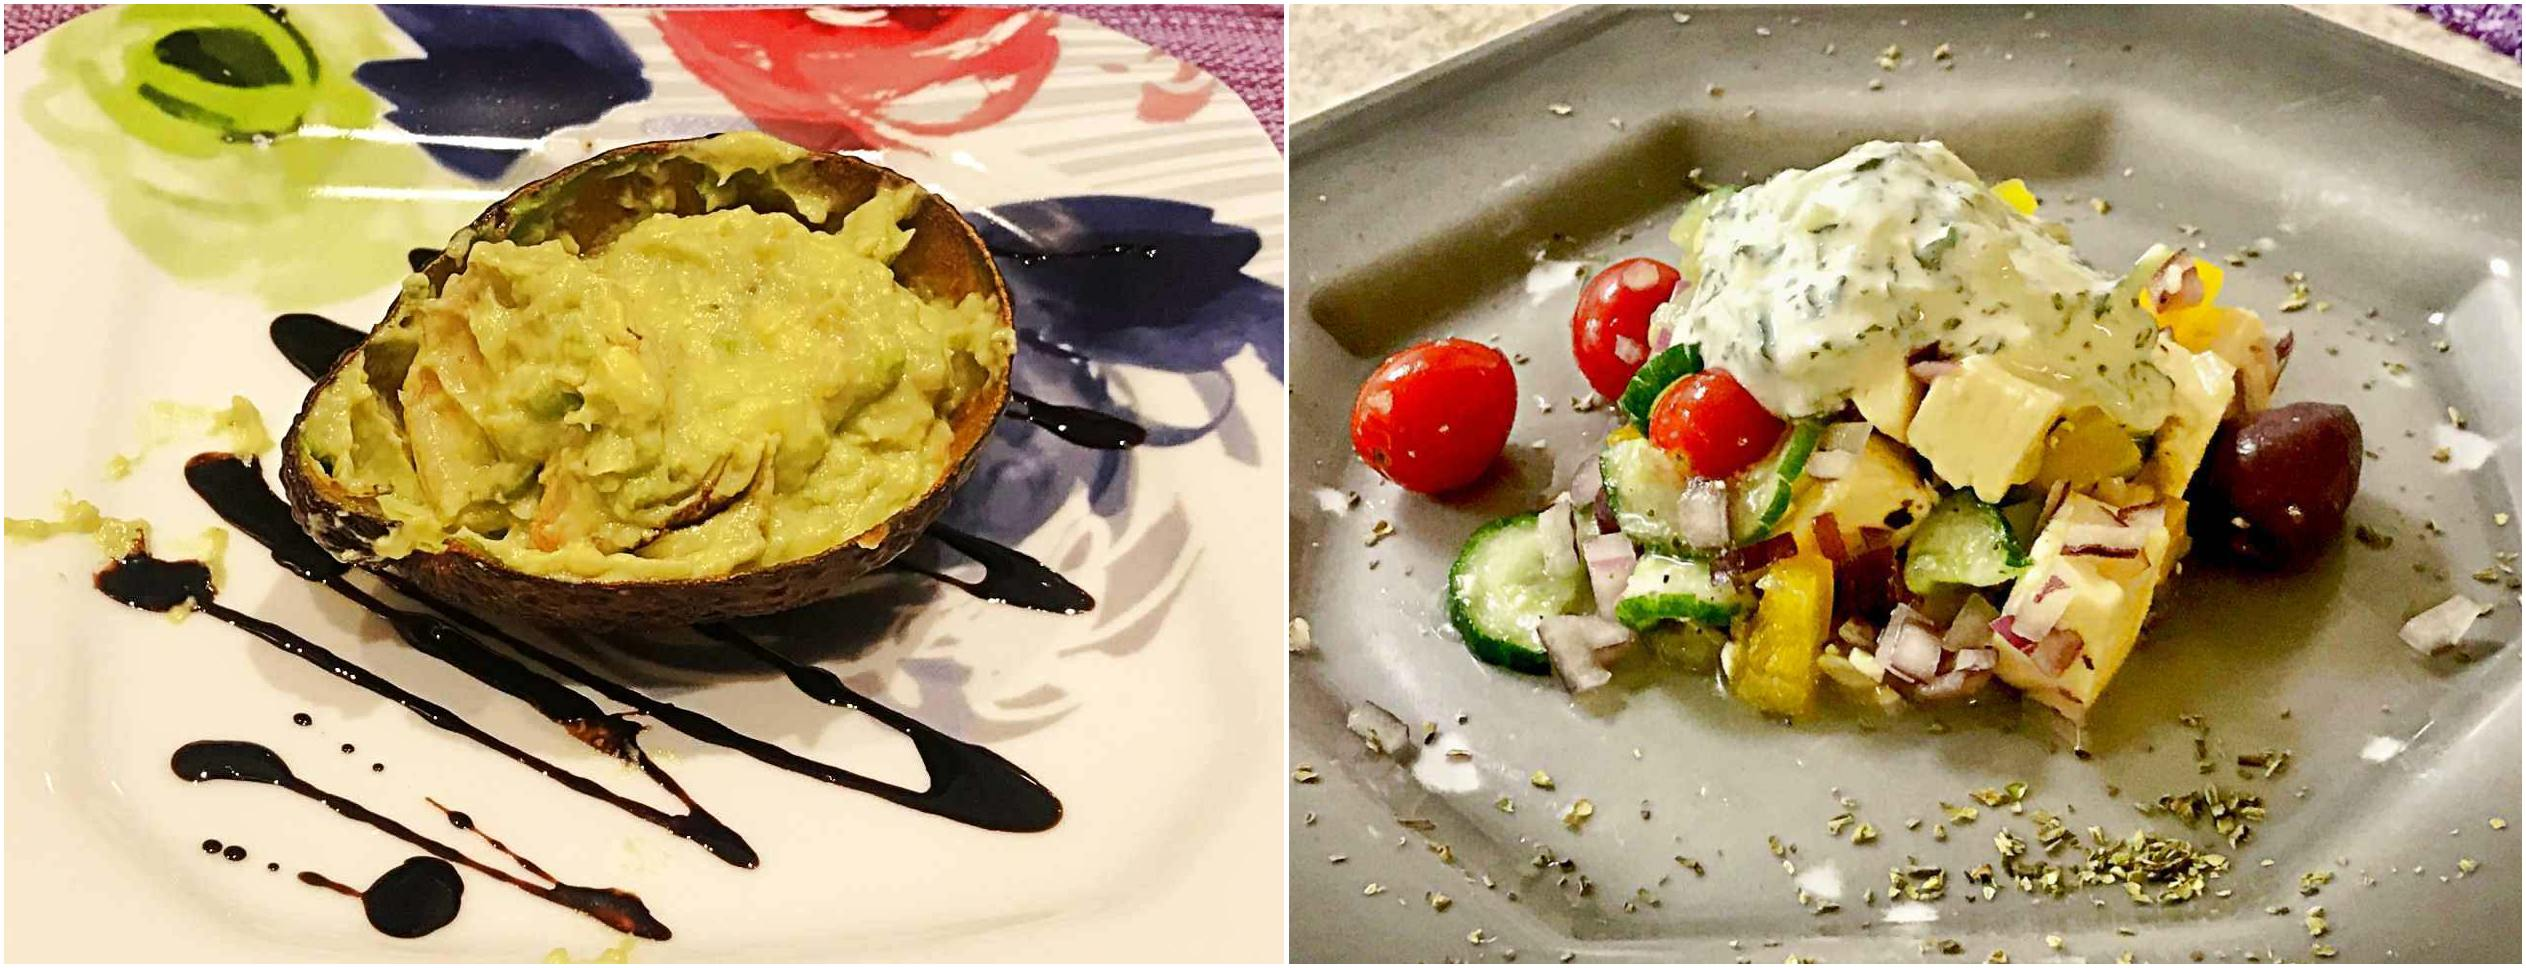 camarão com creme de abacate e salada grega